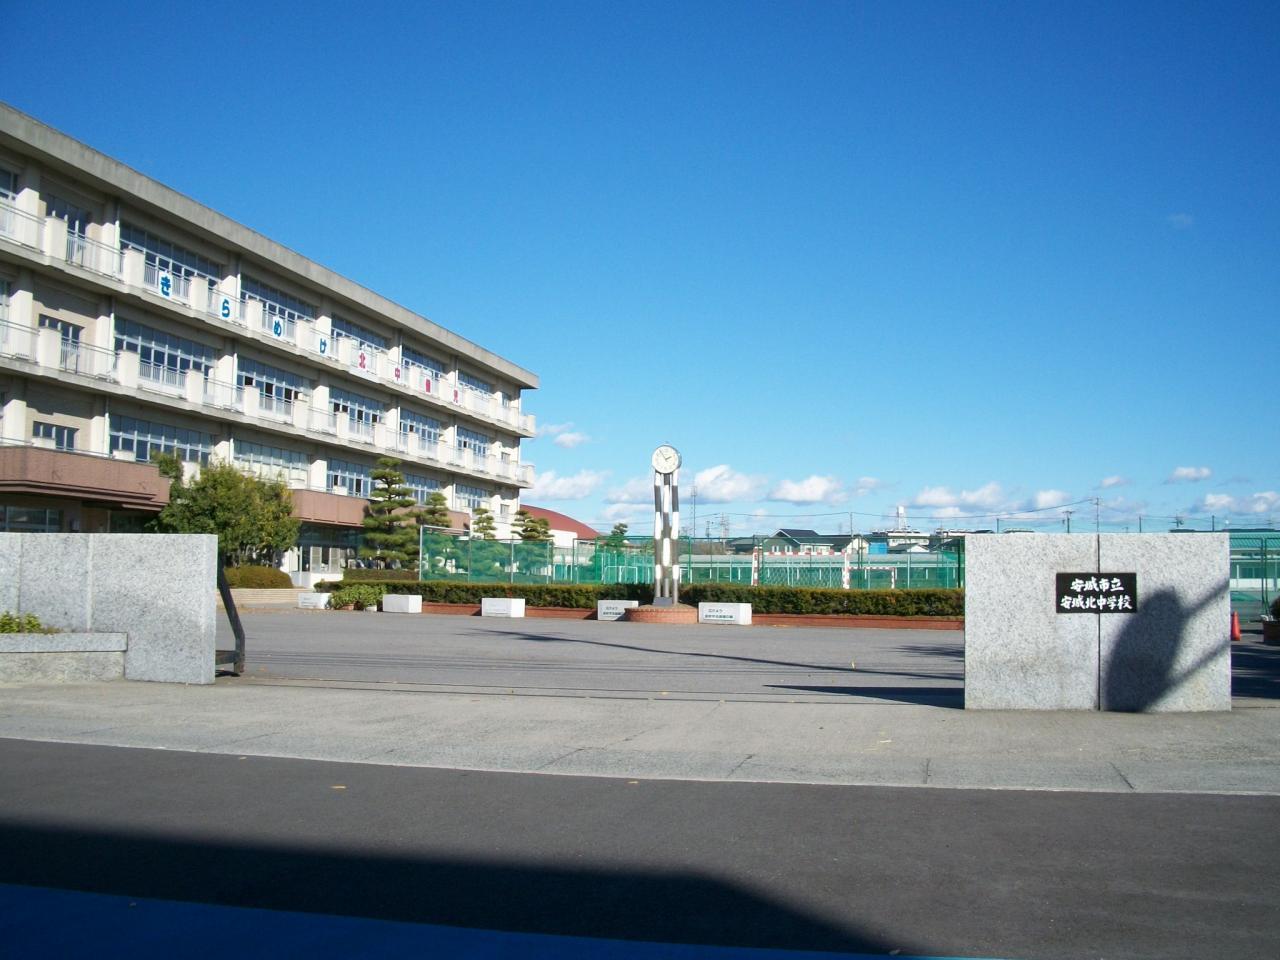 安城市立 安城北中学校